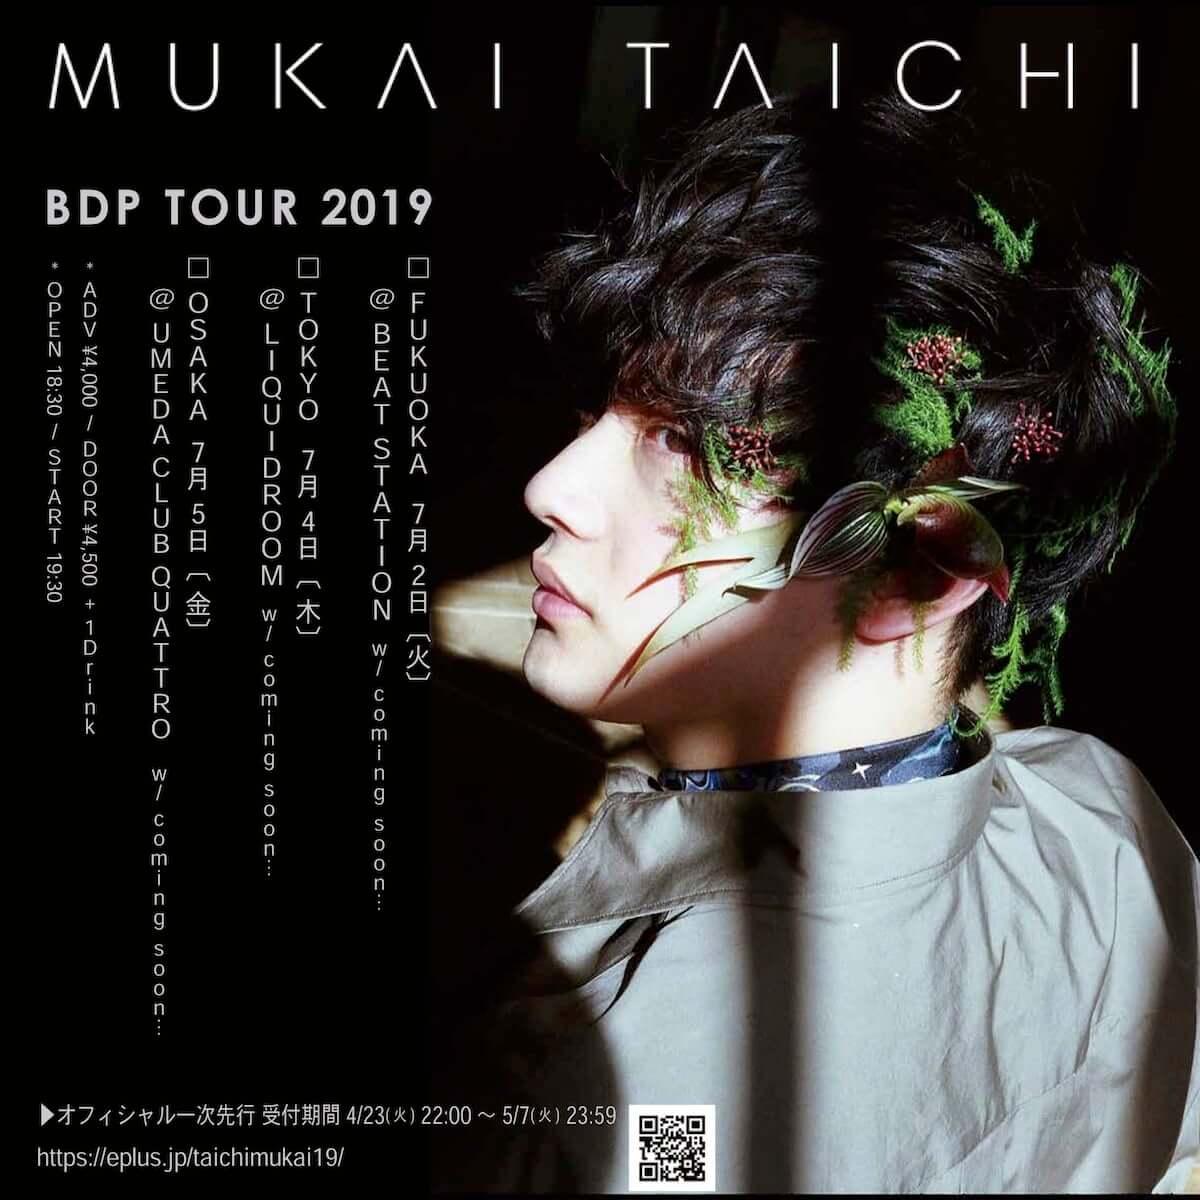 向井太一、東京、大阪、福岡でゲストを迎える形の対バンツアー<BDP TOUR 2019>を7月開催 music190423_mukaitaichi_1-1200x1200